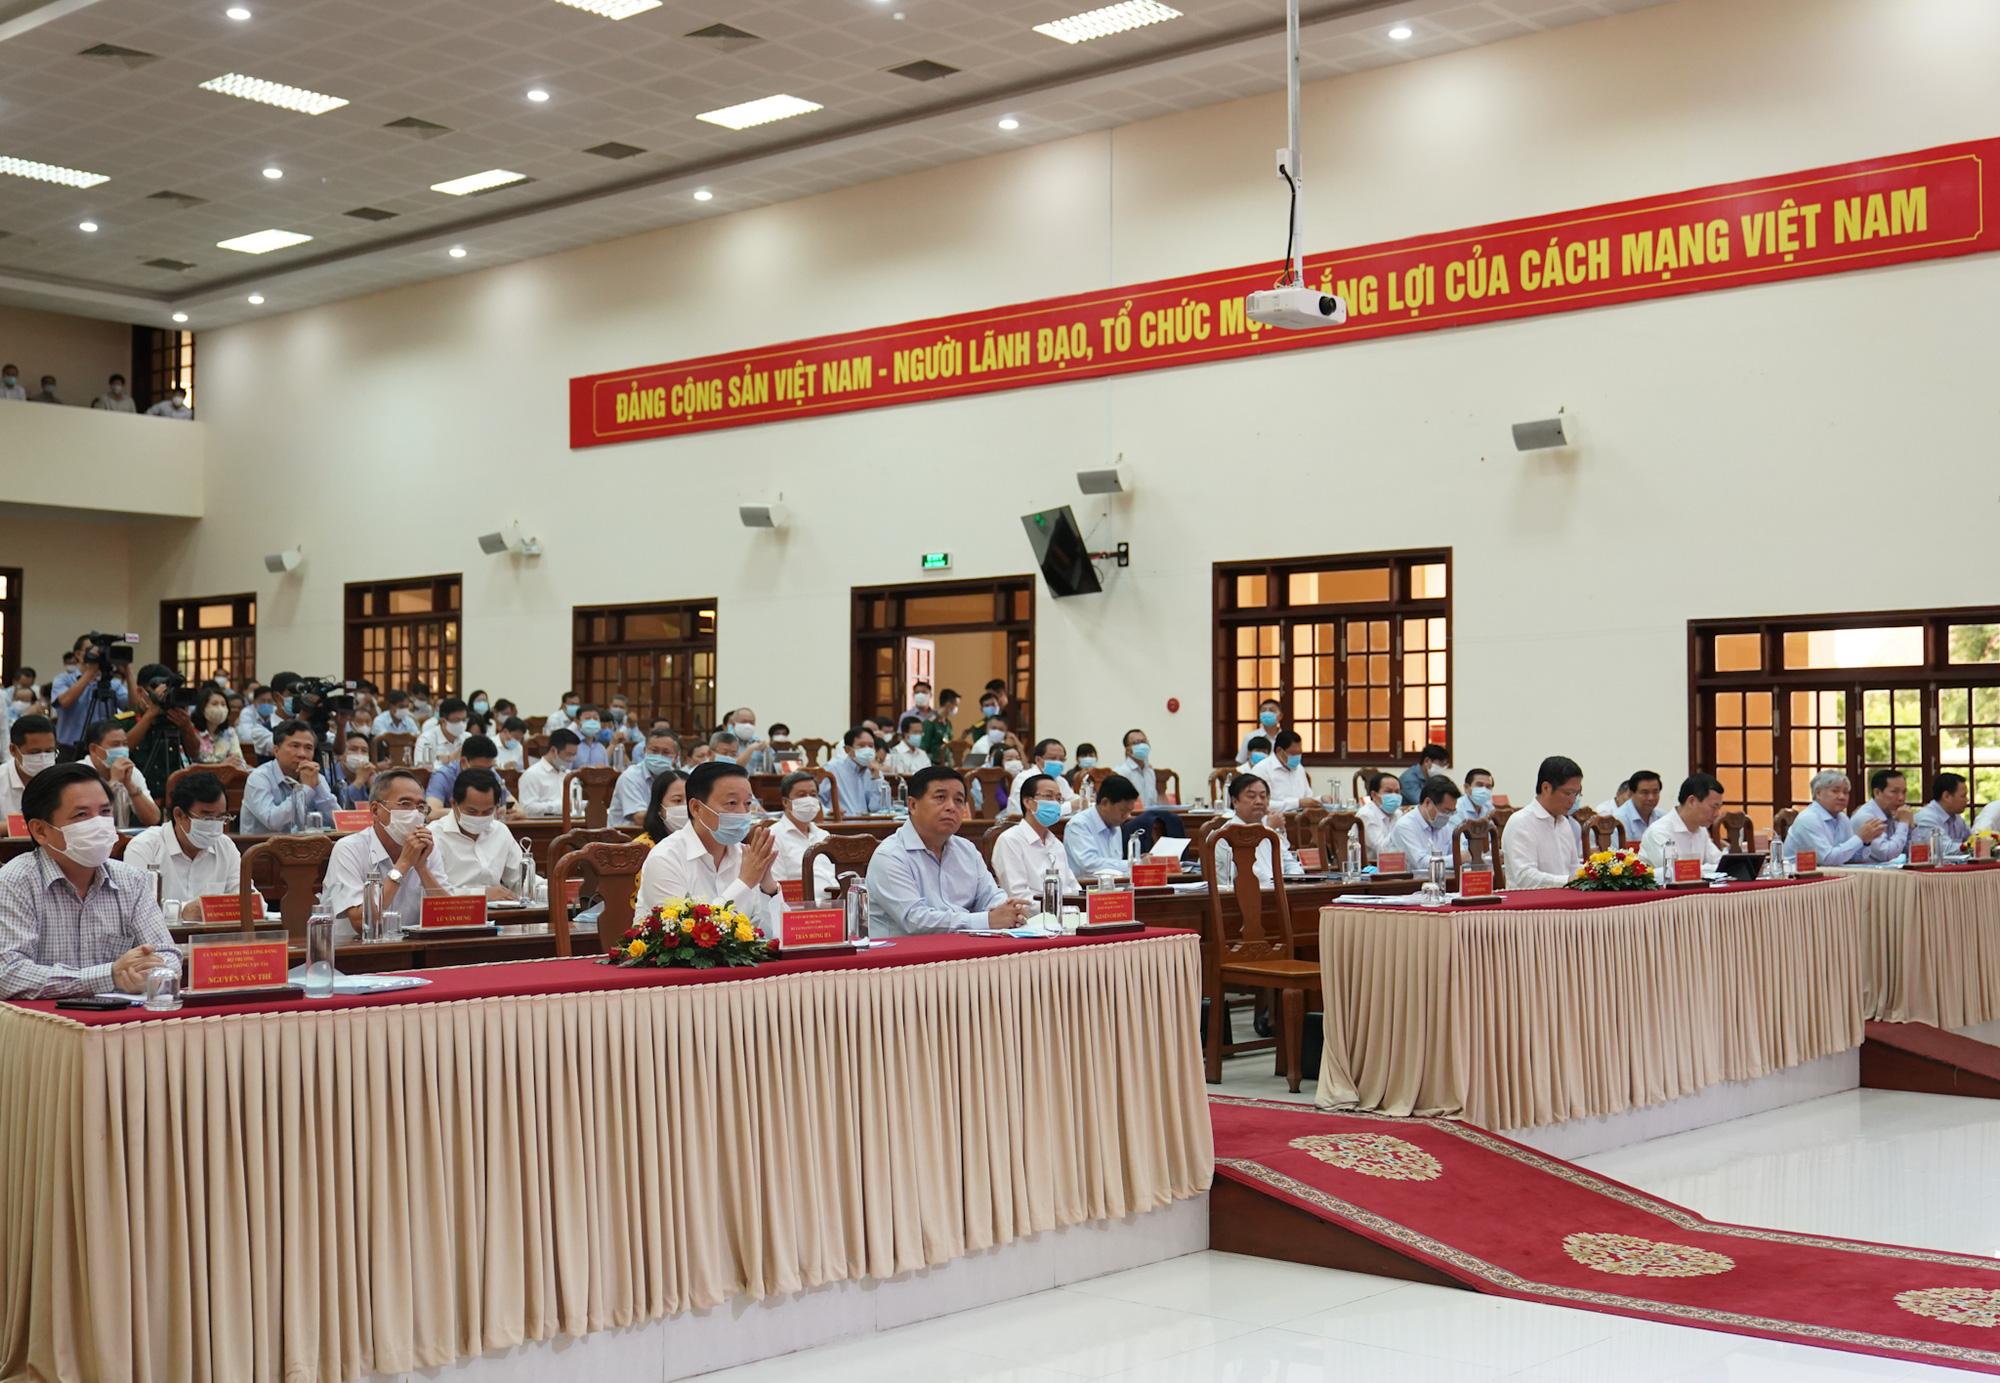 Thủ tướng: Địa phương phải quan tâm, không để đổ vỡ hệ thống doanh nghiệp địa phương - Ảnh 2.